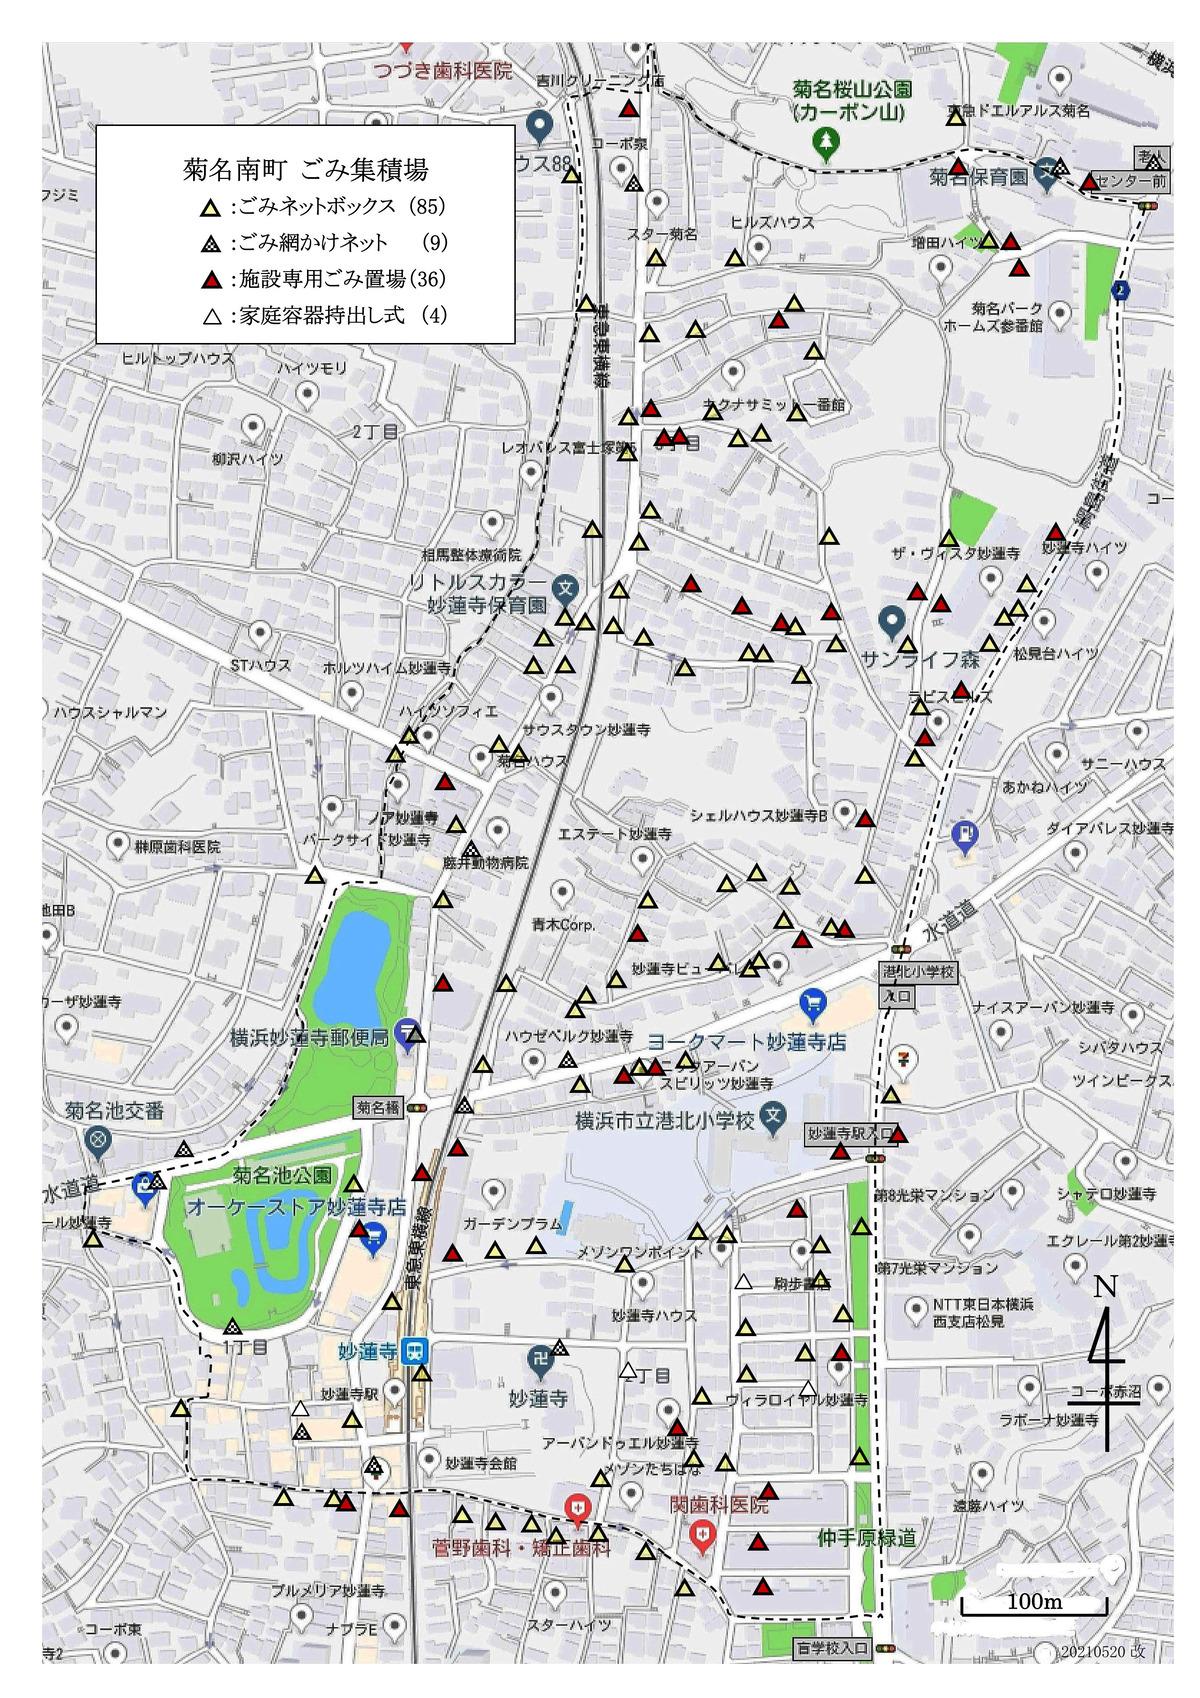 菊名南町_ごみ集積場_20210520改_1